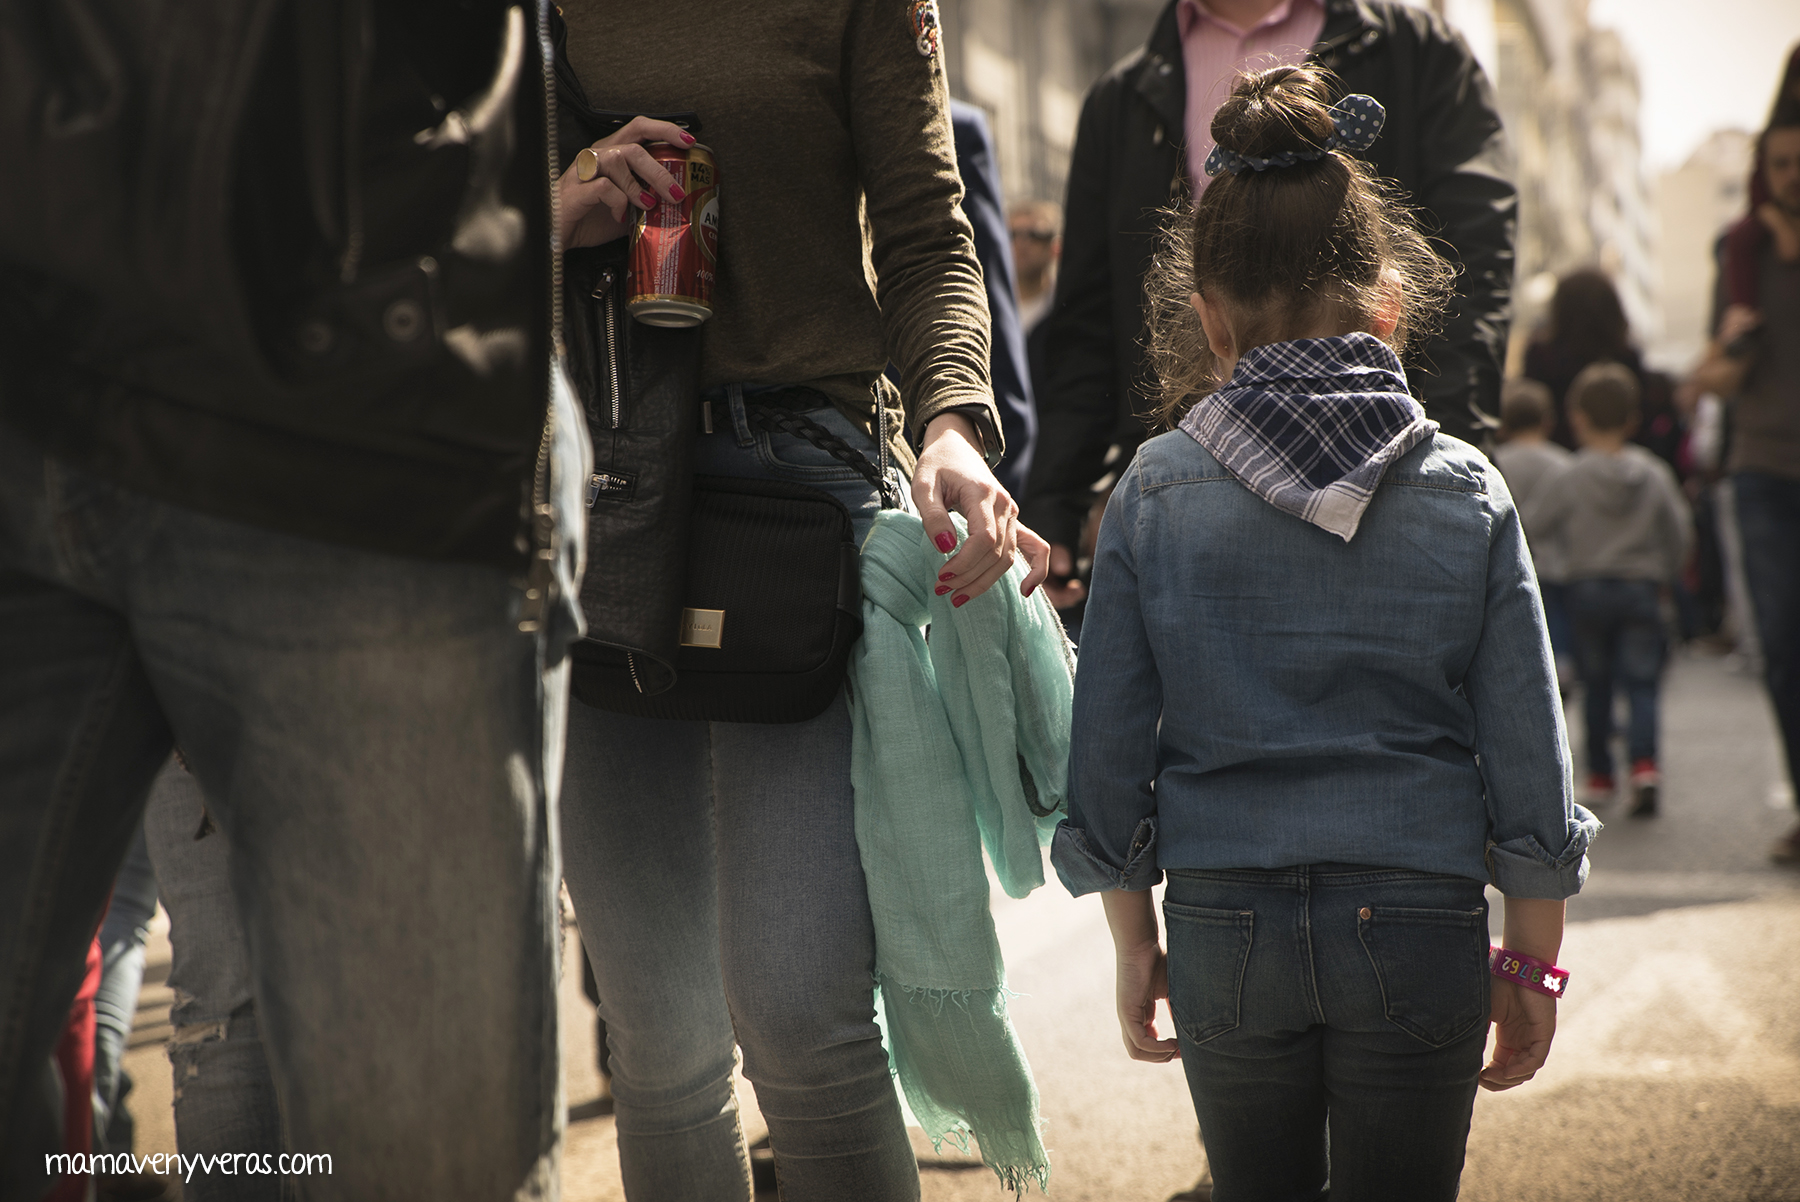 Seguridad Infantil con Aitanastar – Mamá ven y verás